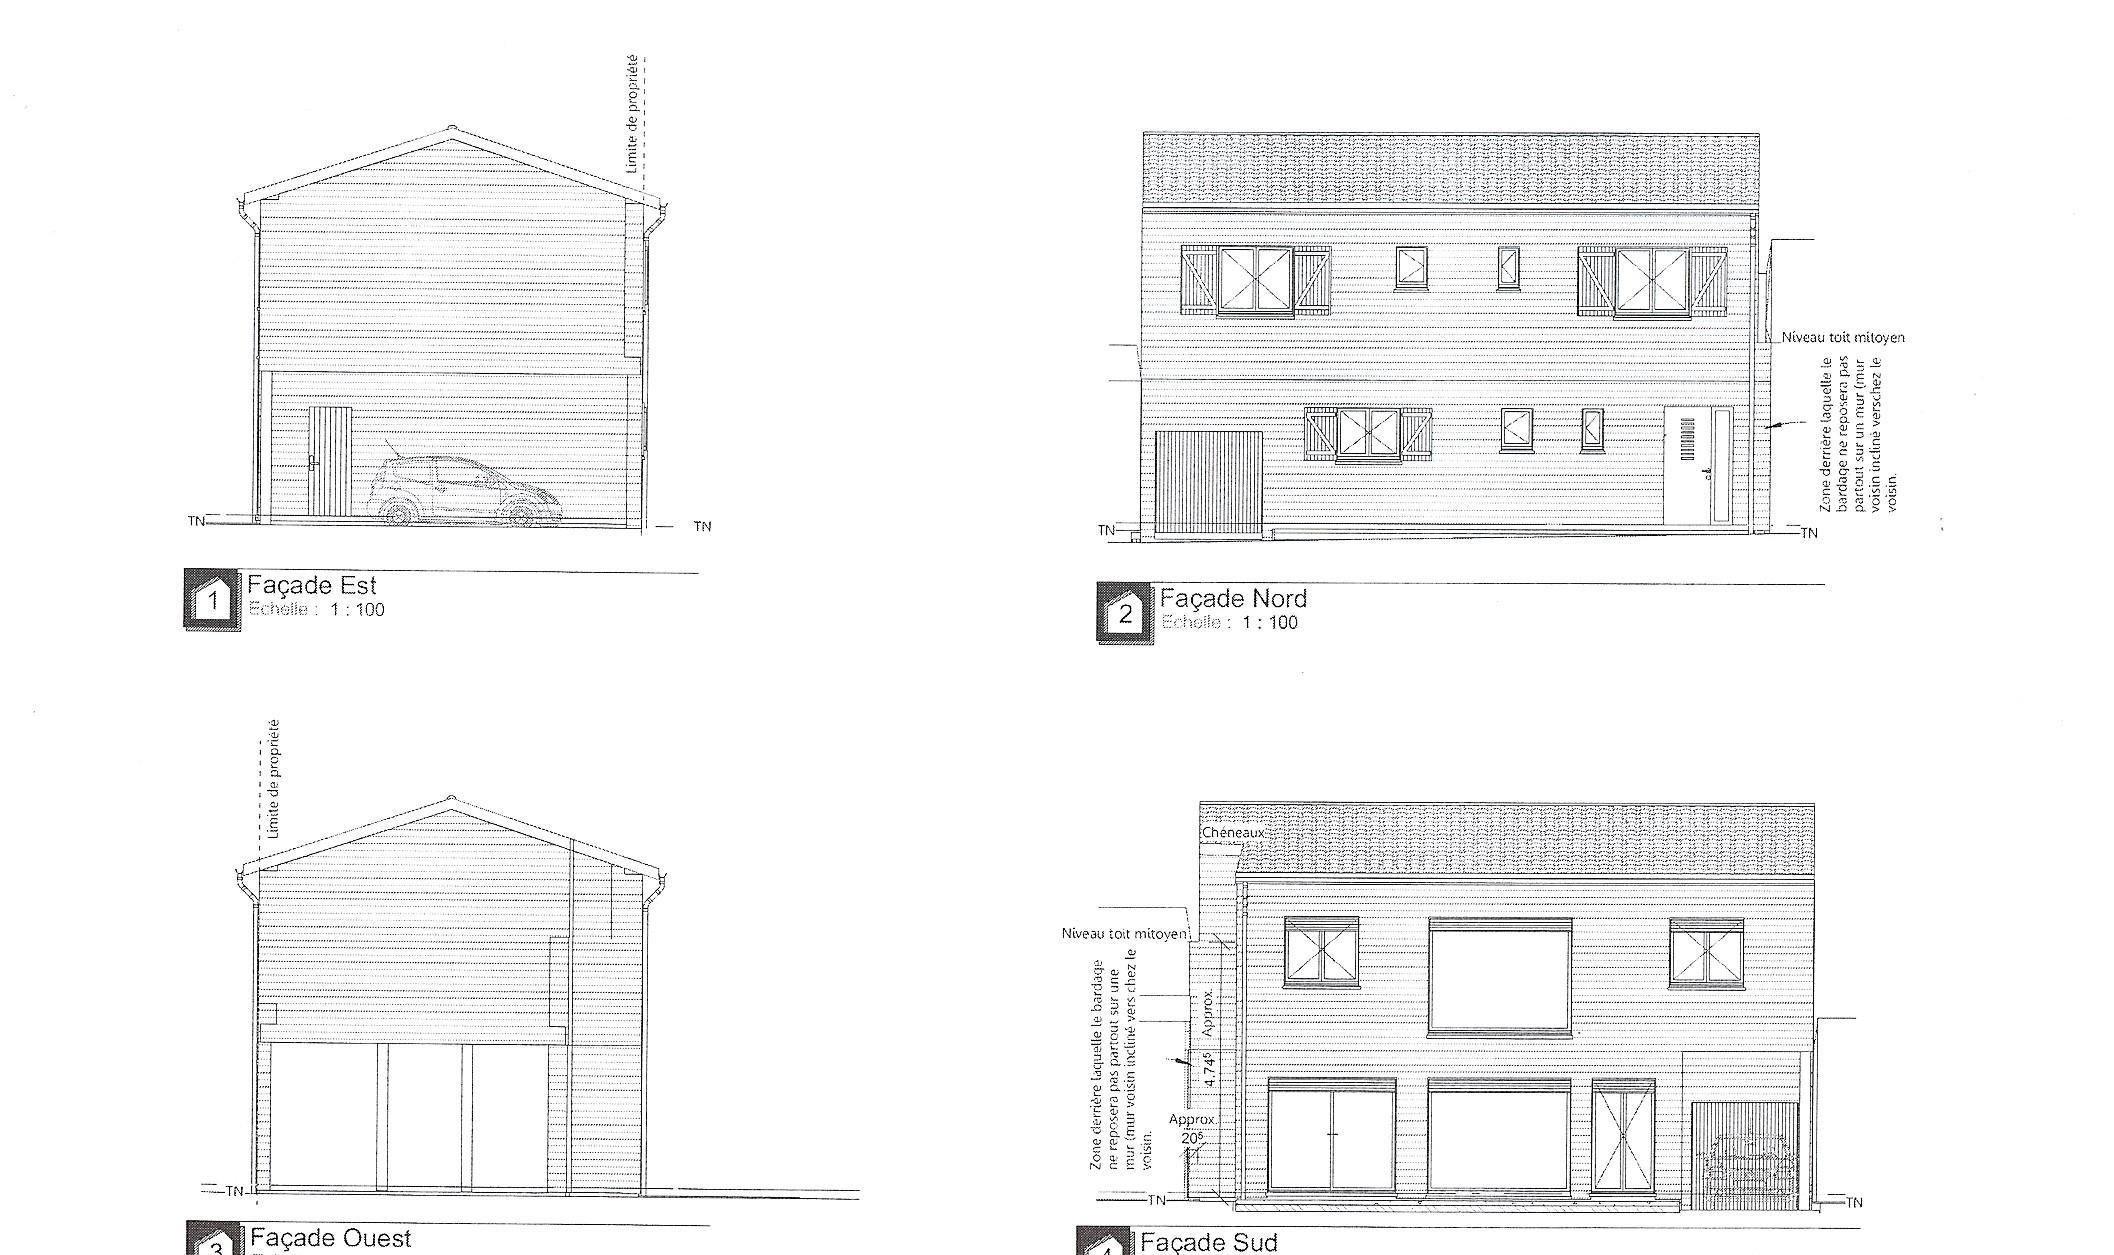 maison bois toulouse,maison bois,maison bois midi pyrenees,maison ossature bois midi pyrenees,construction bois midi pyrenees